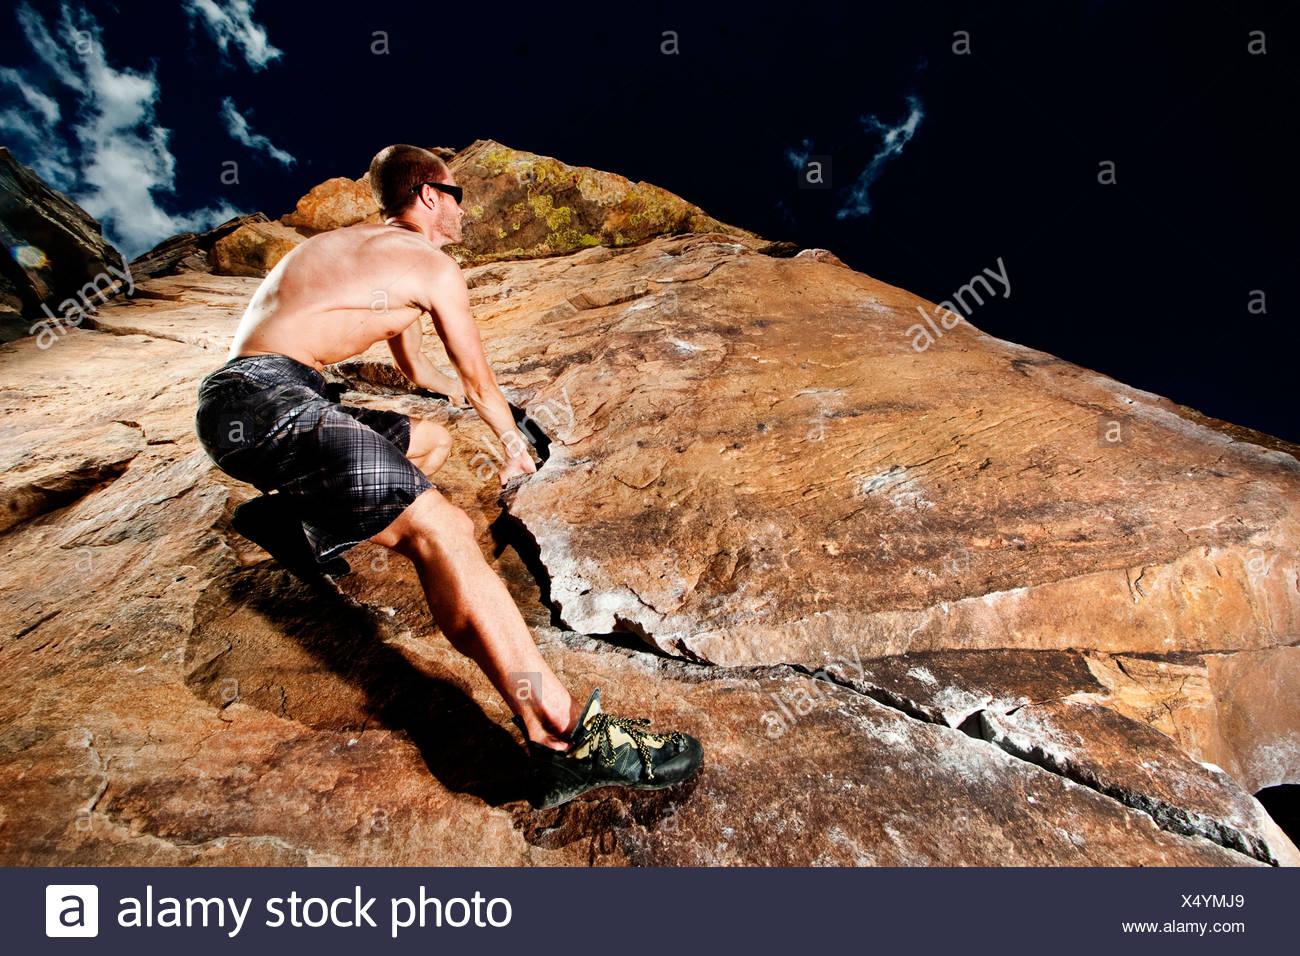 Scalatore rock climbing la prua al Parco rotante adiacente al serbatoio Horsetooth in Fort Collins, Colorado, STATI UNITI D'AMERICA Immagini Stock